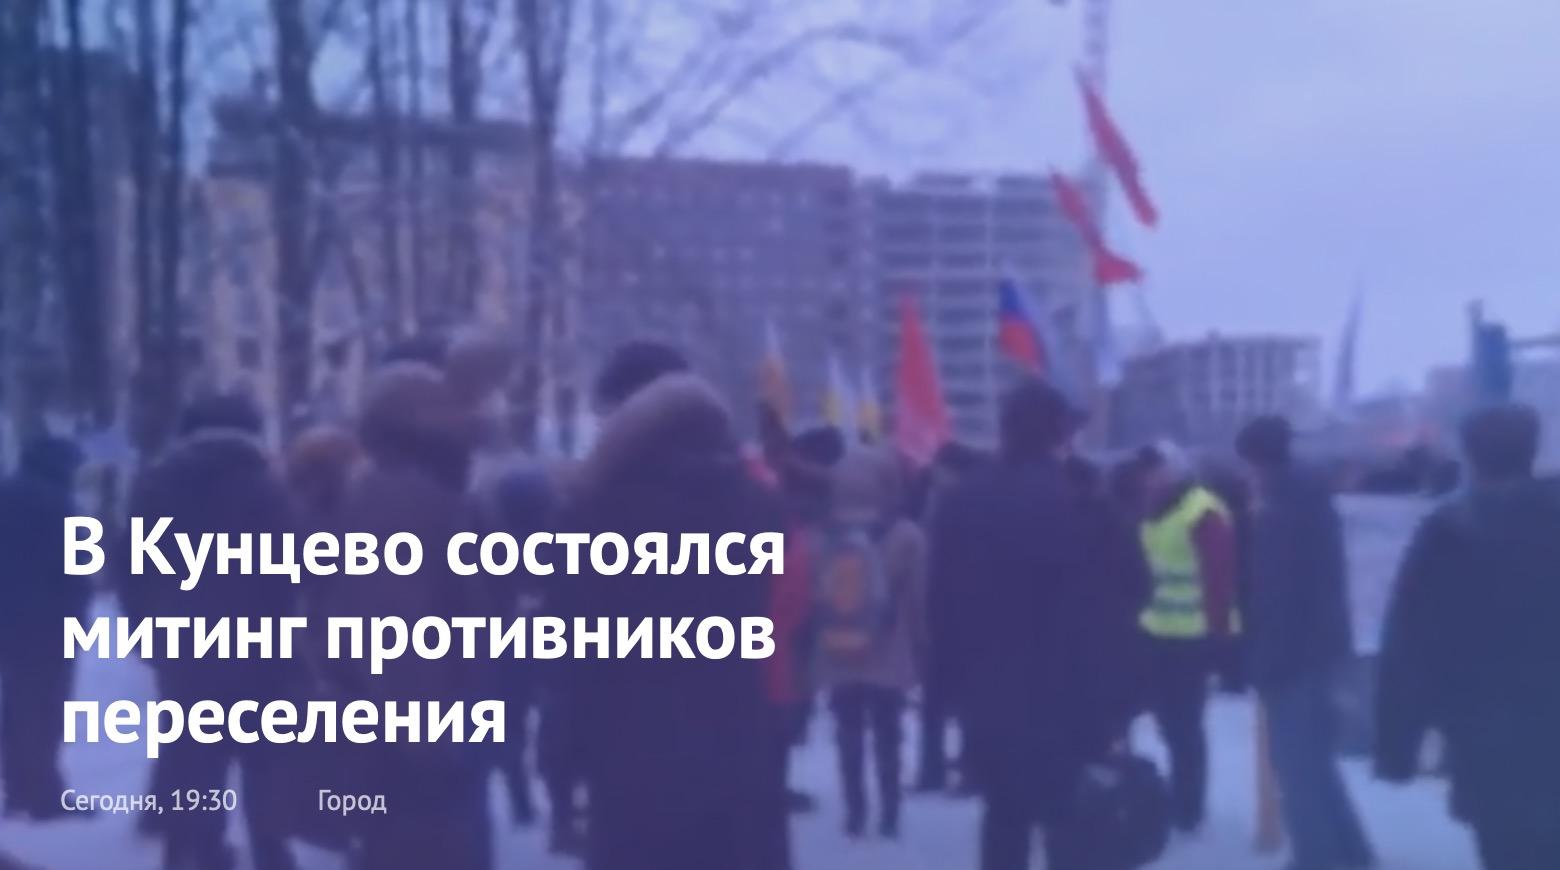 В Кунцево митинг противников переселения